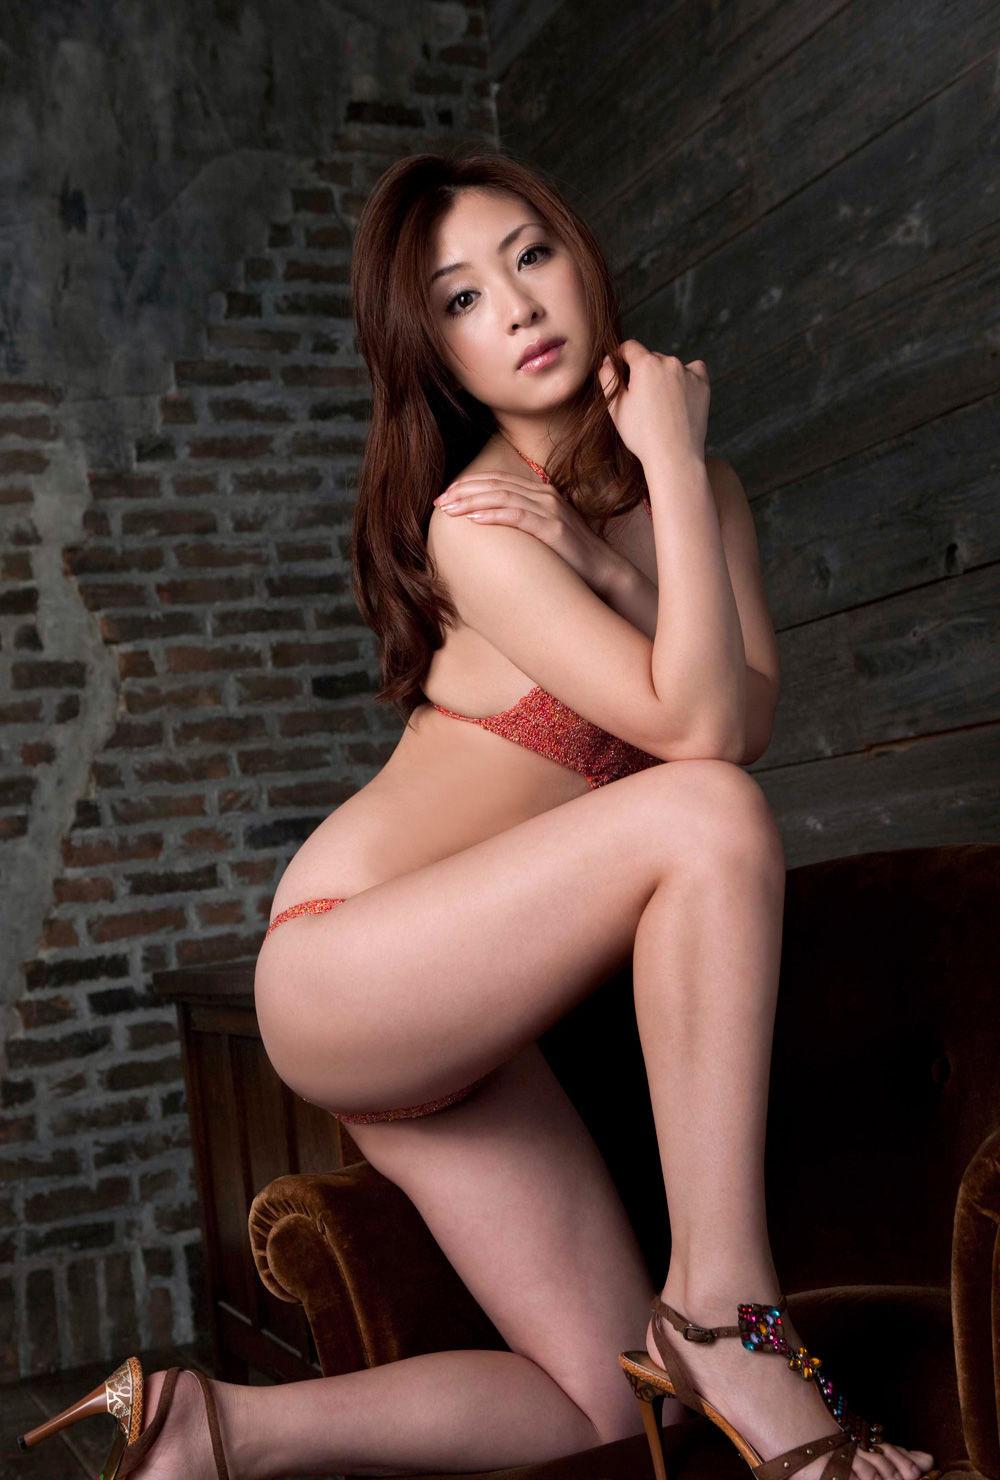 辰巳奈都子 画像 掲示板 54